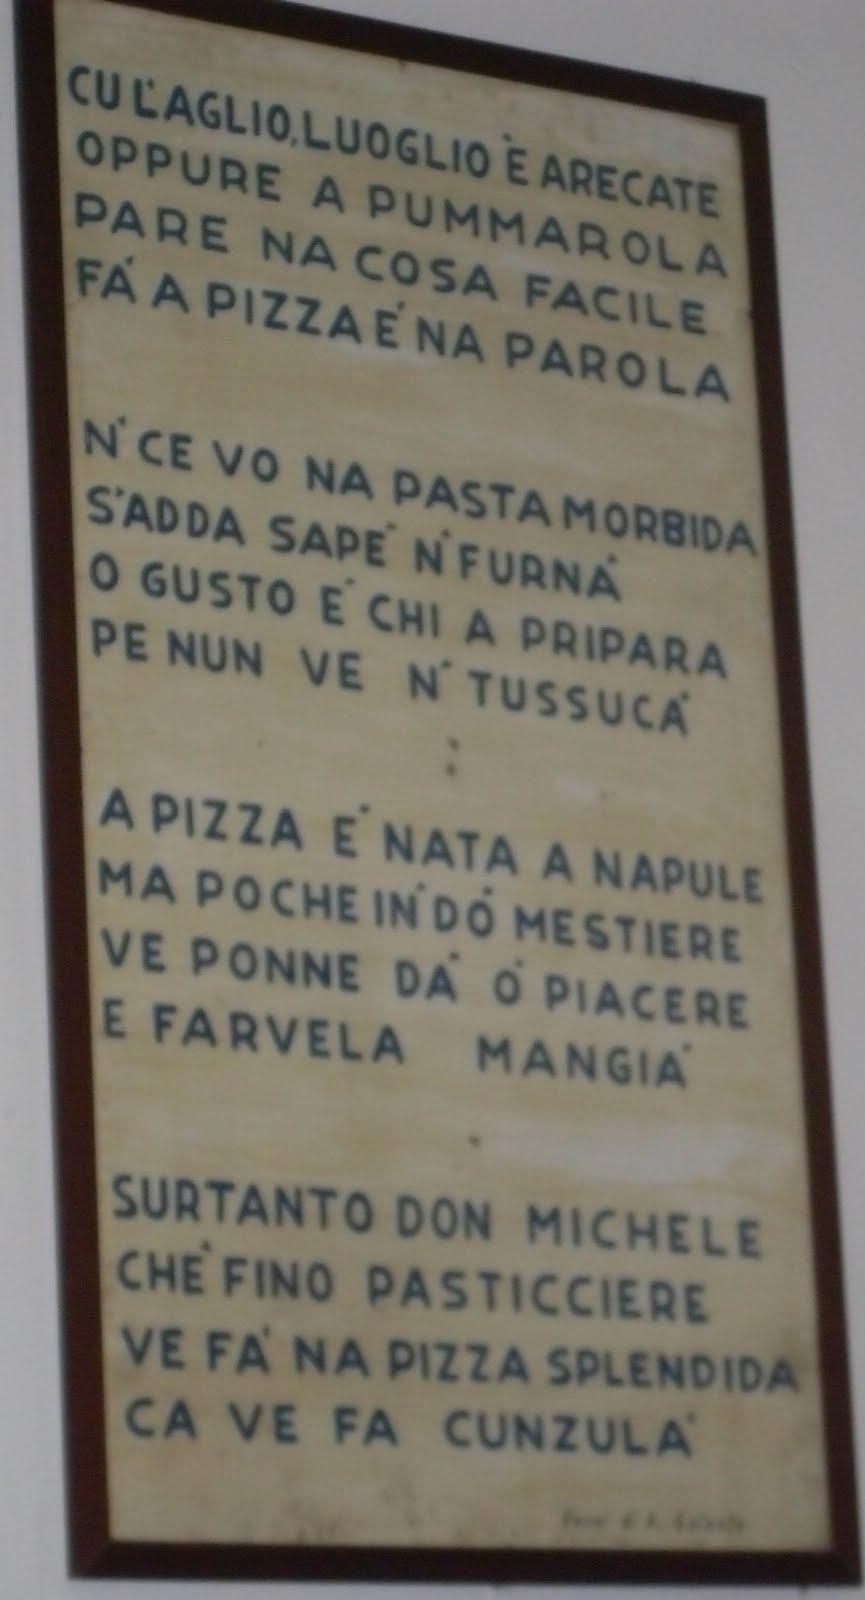 Antica Pizzeria Da Michele Napoli